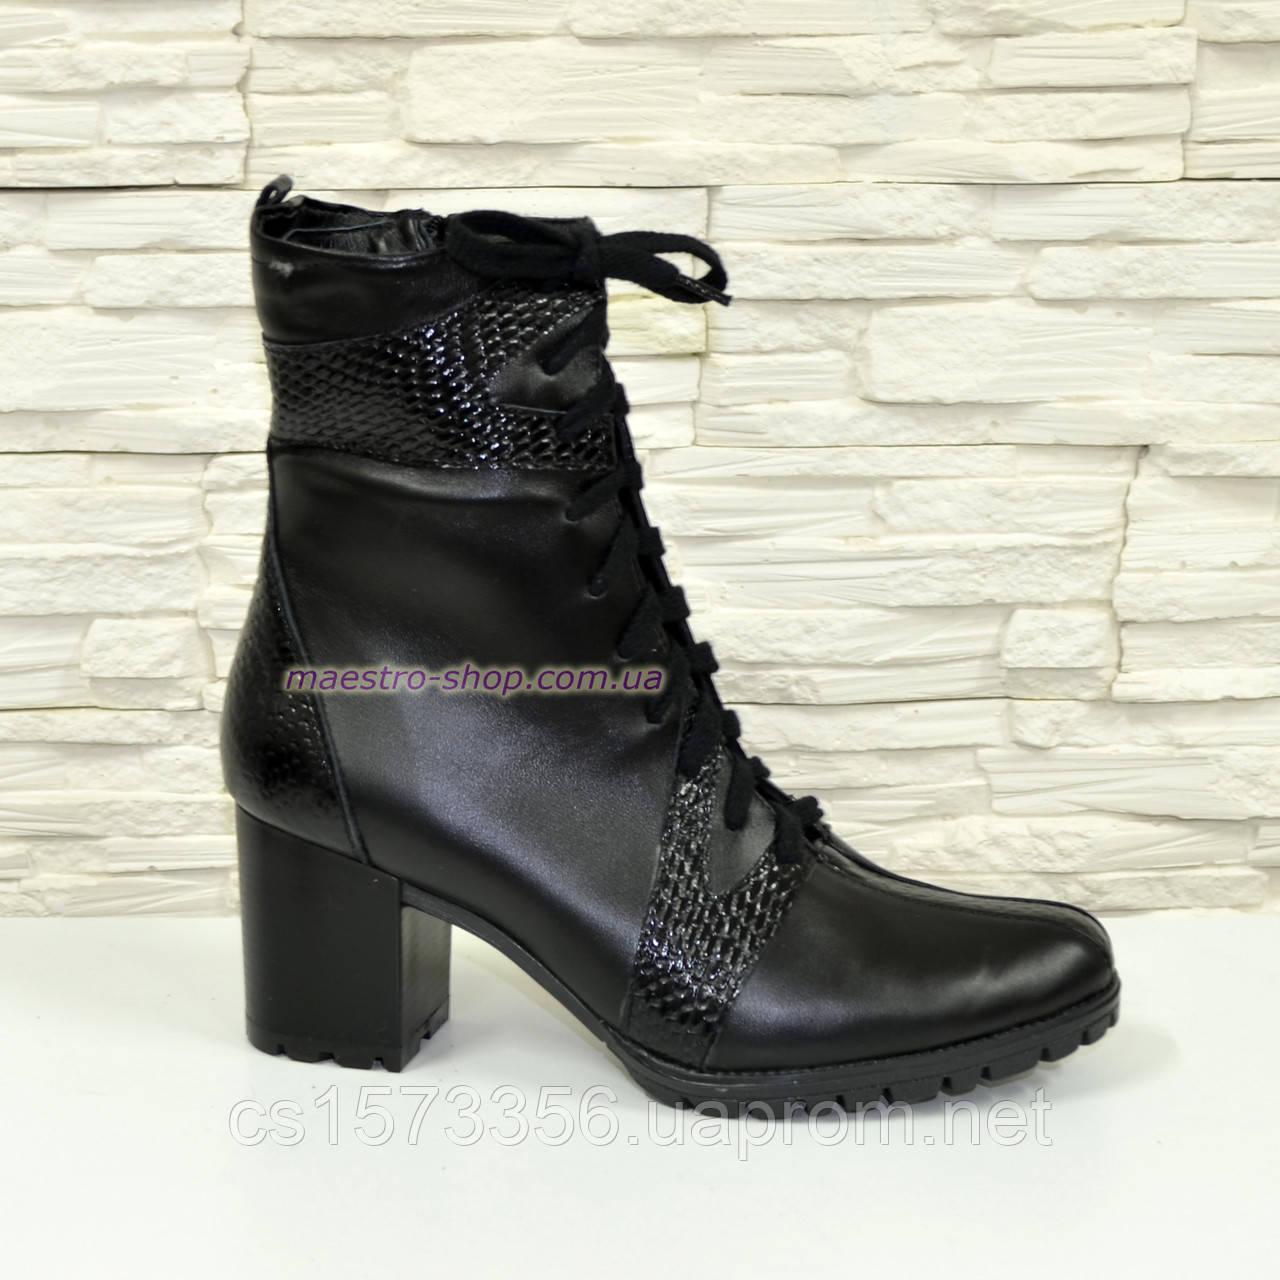 Ботинки кожаные зимние на устойчивом каблуке